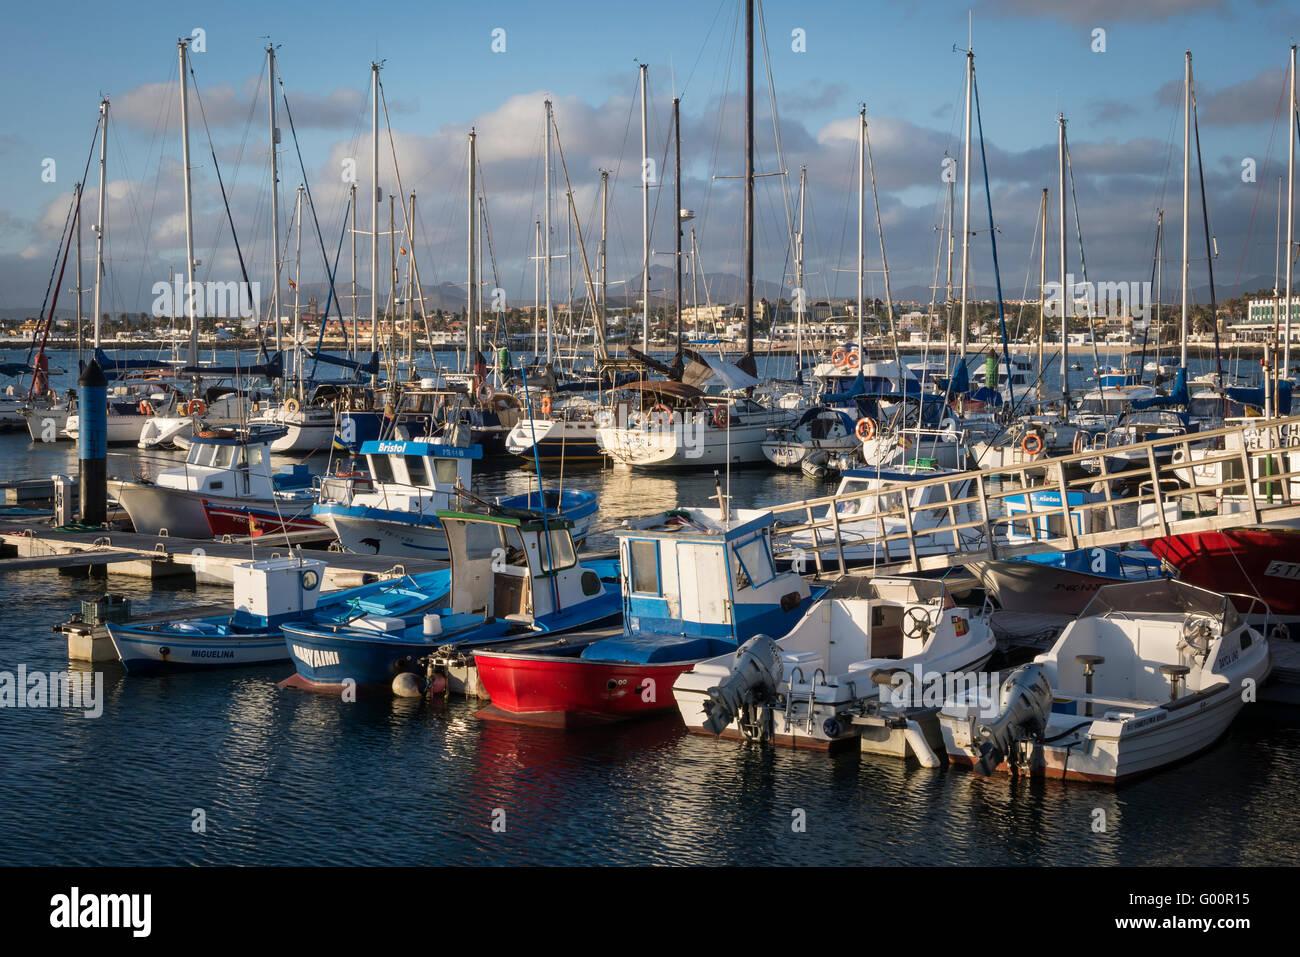 Marina Corralejo Fuerteventura-Kanarische Inseln-Spanien Stockfoto